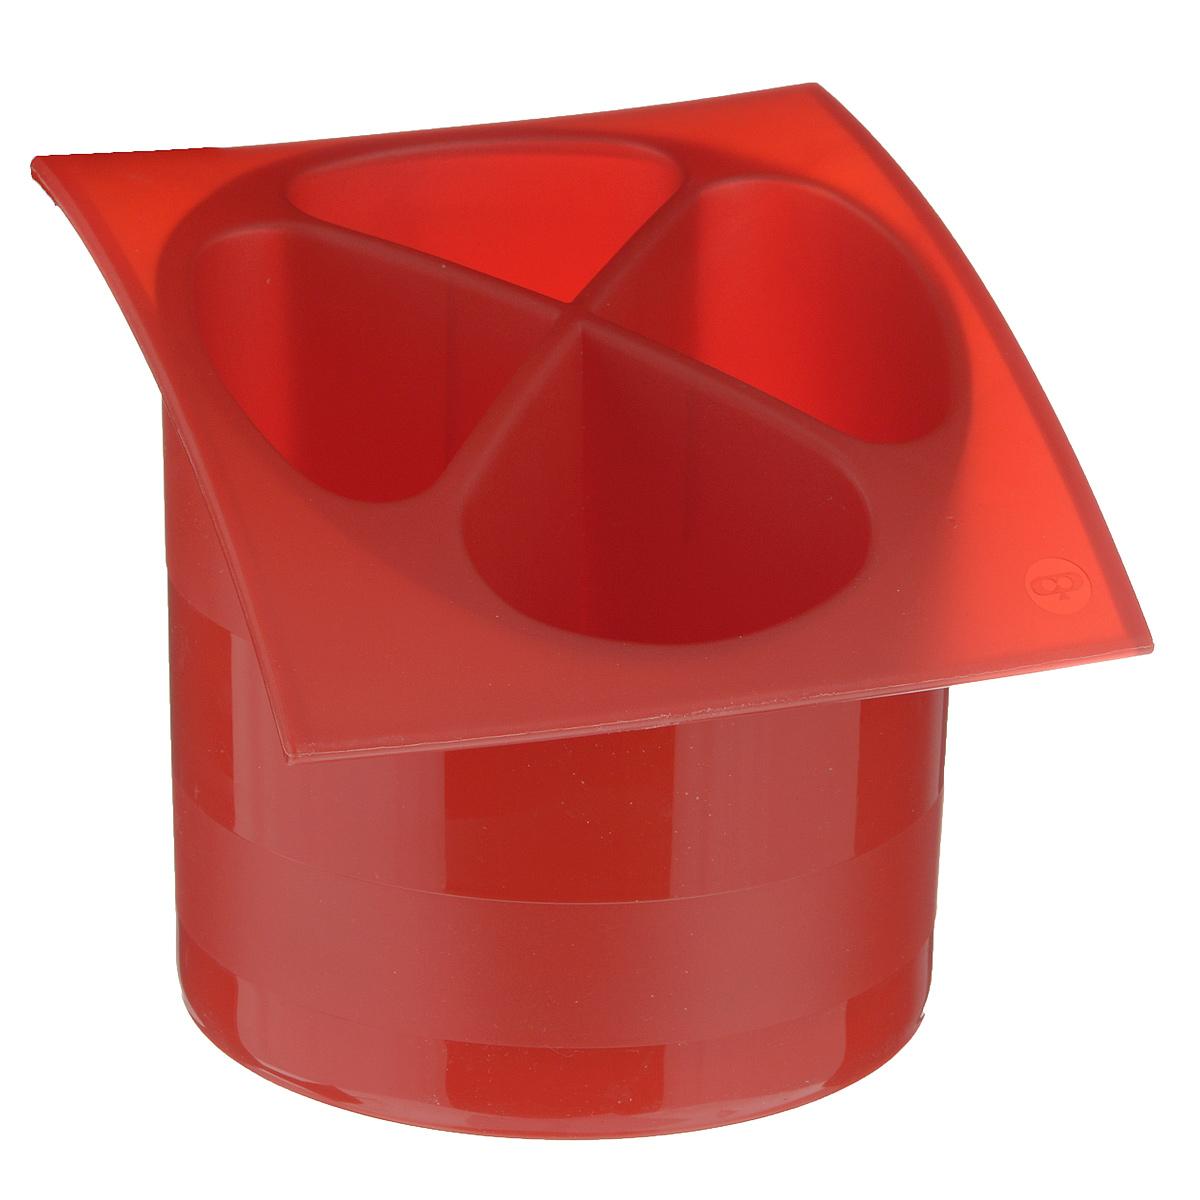 Подставка для столовых приборов Cosmoplast, цвет: красный, диаметр 14 см2140Подставка для столовых приборов Cosmoplast, выполненная из высококачественного пластика, станет полезным приобретением для вашей кухни. Подставка имеет четыре отделения для разных видов столовых приборов. Дно отделений оснащено отверстиями. Подставка вставляется в емкость, предназначенную для стекания воды. Подставка Cosmoplast удобна в использовании и имеет яркий современный дизайн, который станет ярким акцентом в интерьере вашей кухни. Можно мыть в посудомоечной машине.